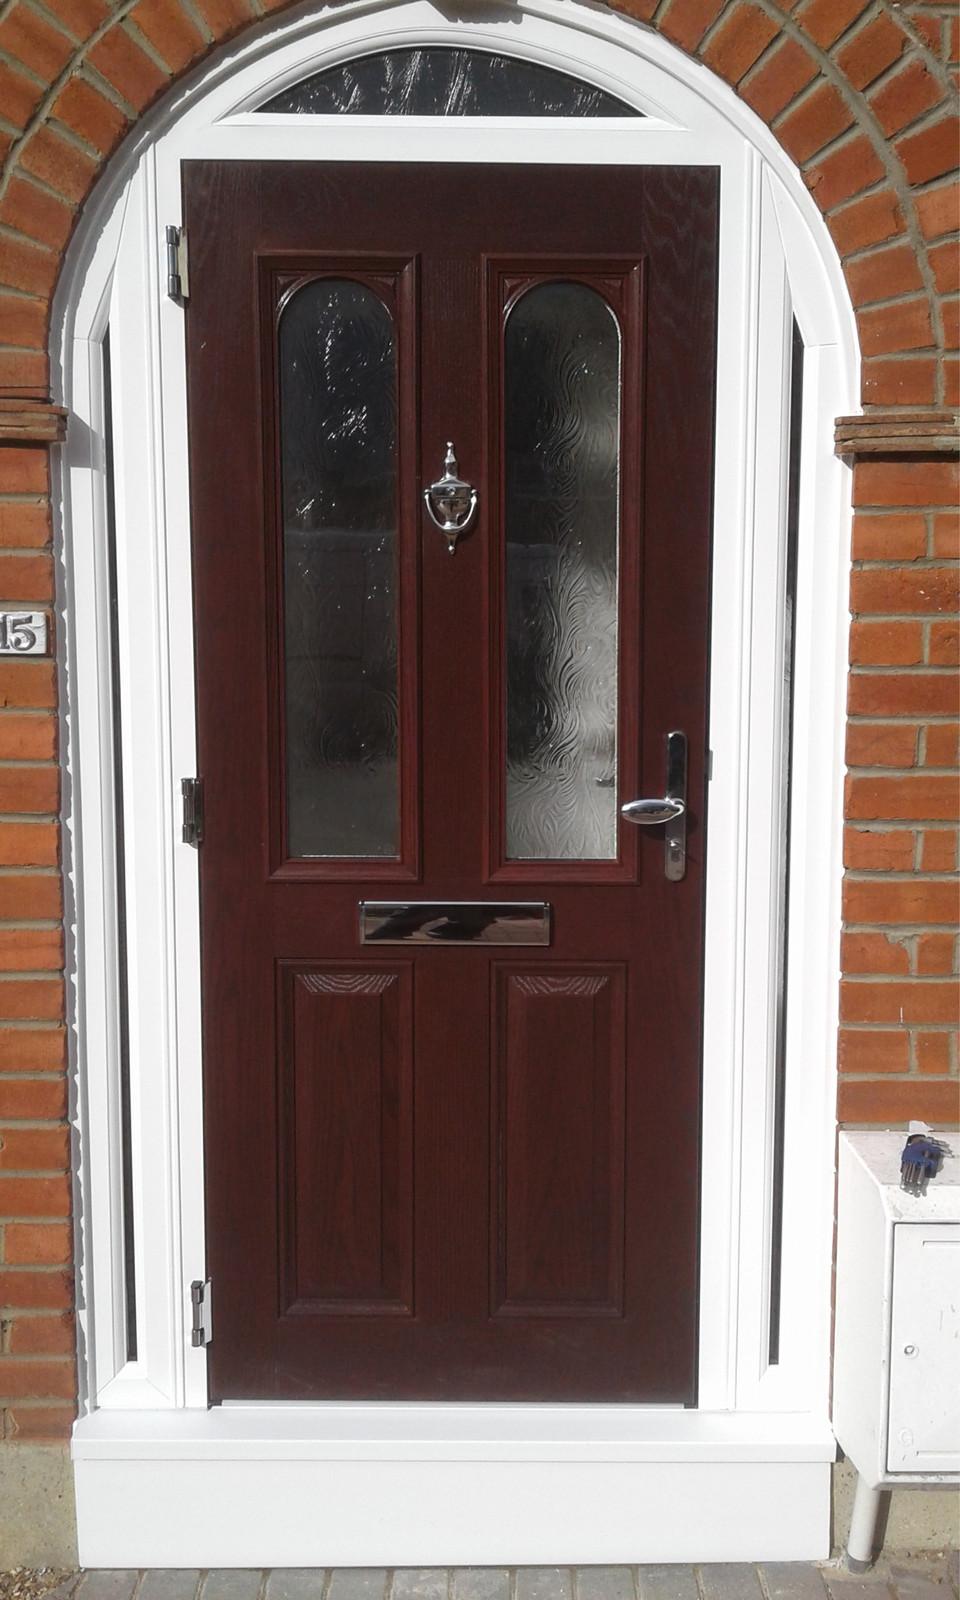 Welcome To Infinity Home Improvements Window And Door